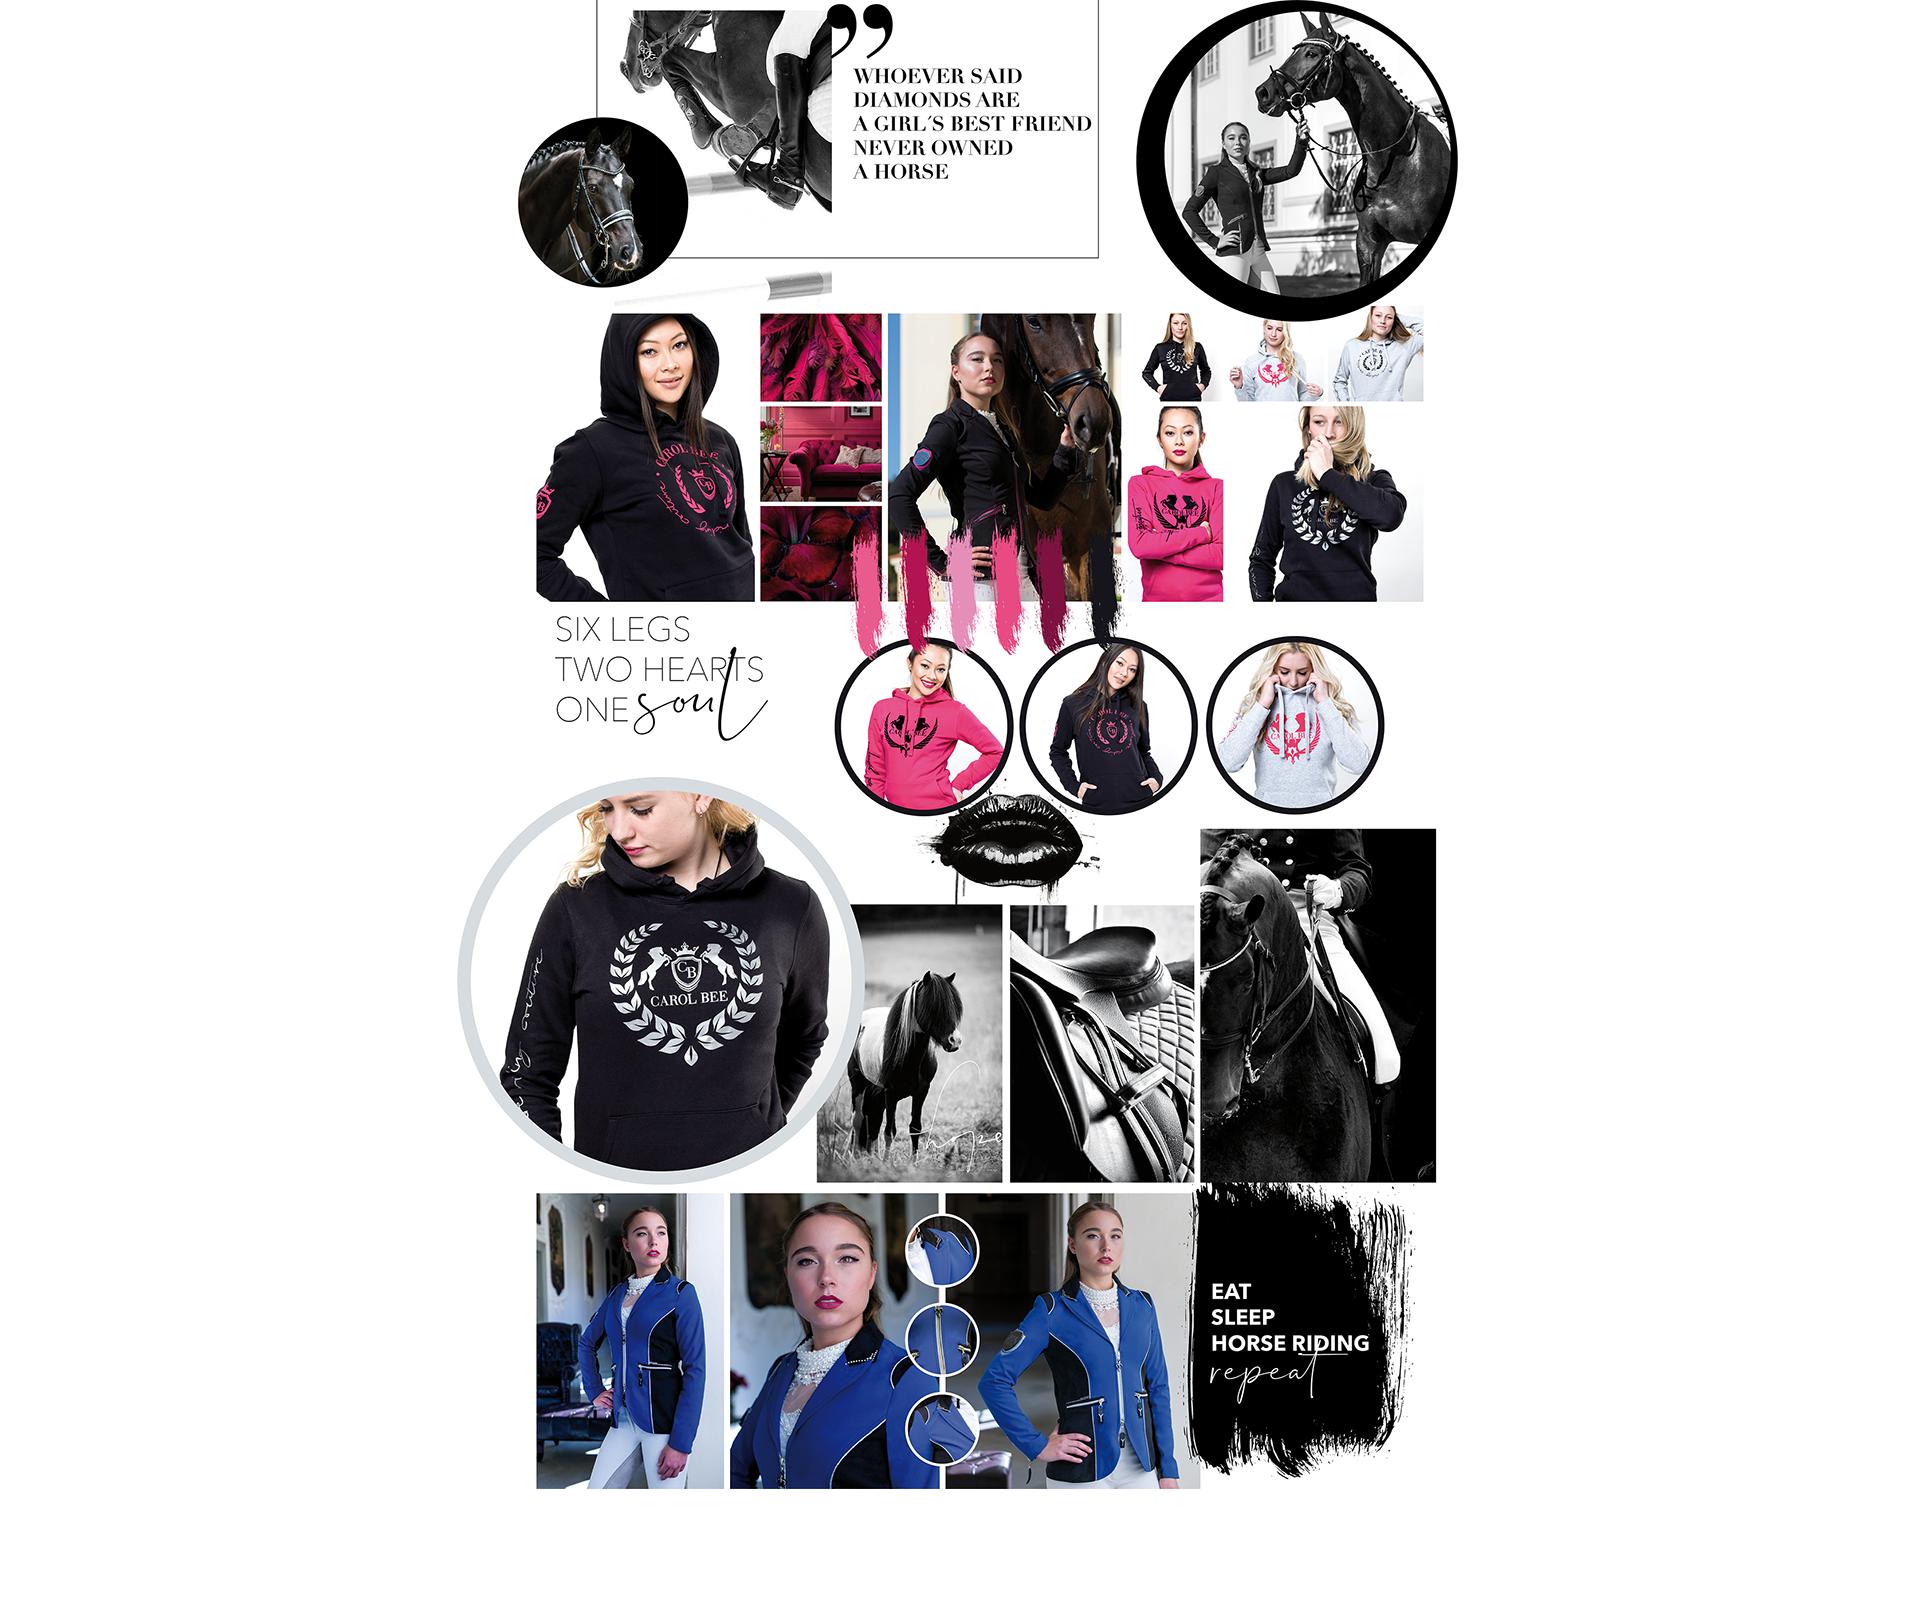 Aufregende Collage der neusten Trends, farbenfrohe Bilder